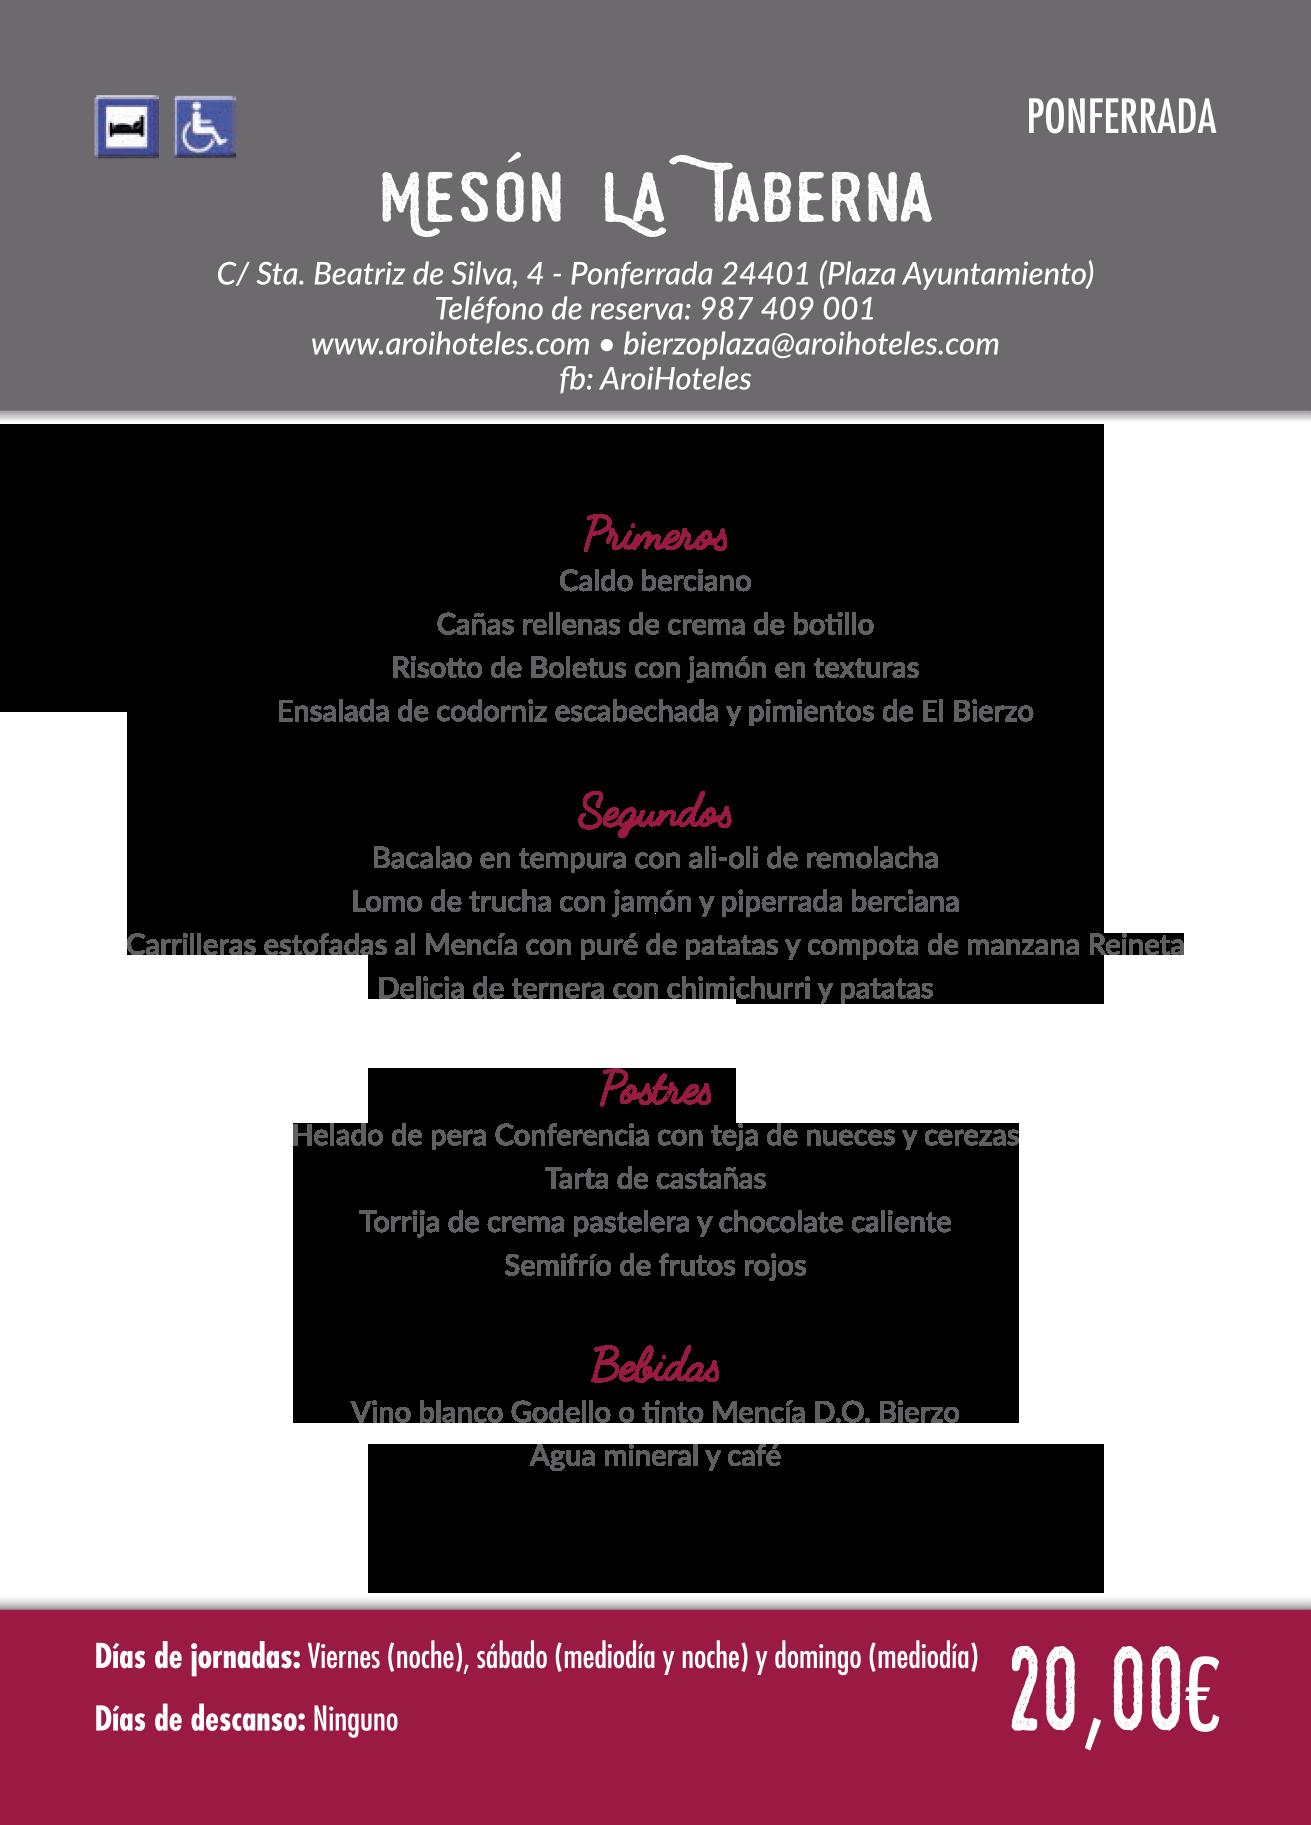 Las Jornadas Gastronómicas del Bierzo llegan a su 35 edición. Consulta los menús de esta edición 22